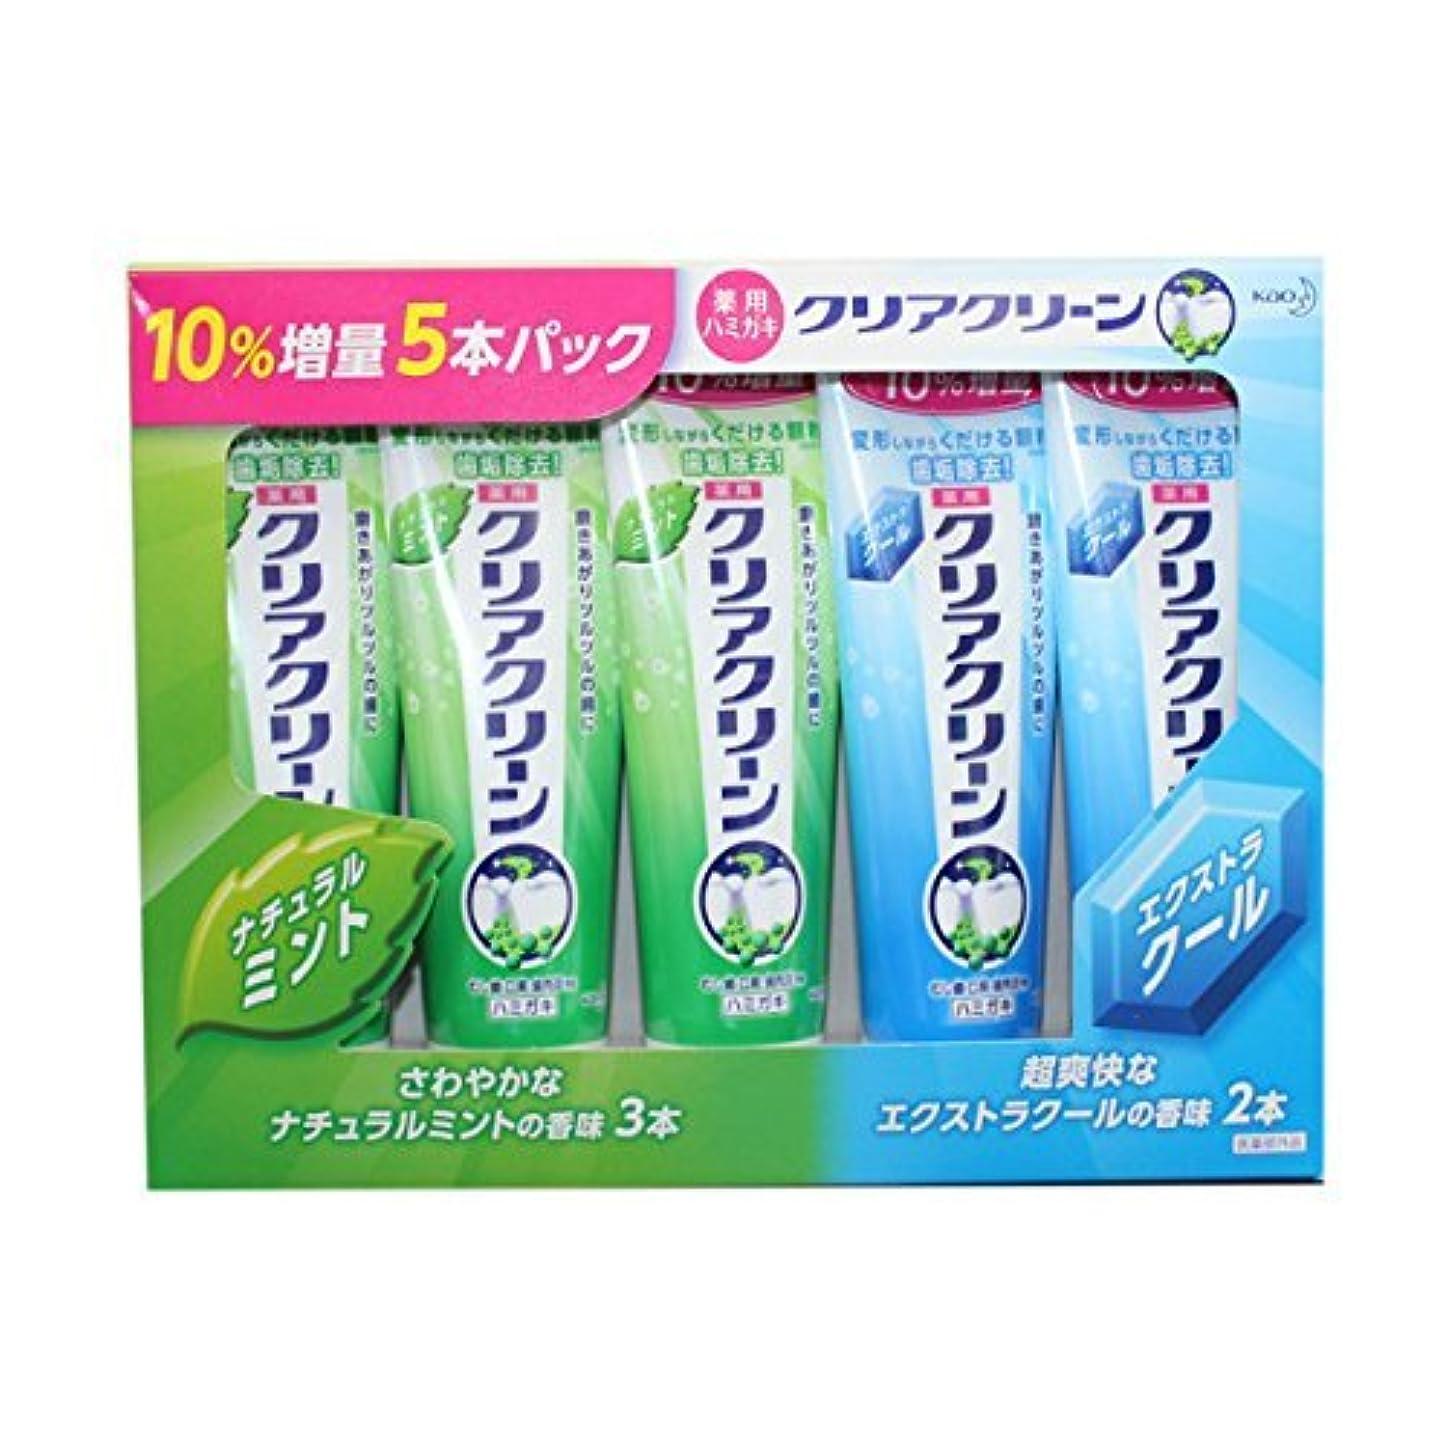 原告覚えている人類クリアクリーン 143gx5本セット(ナチュラルミントx3/エクストラクールx2) 10%増量セット 歯磨き粉